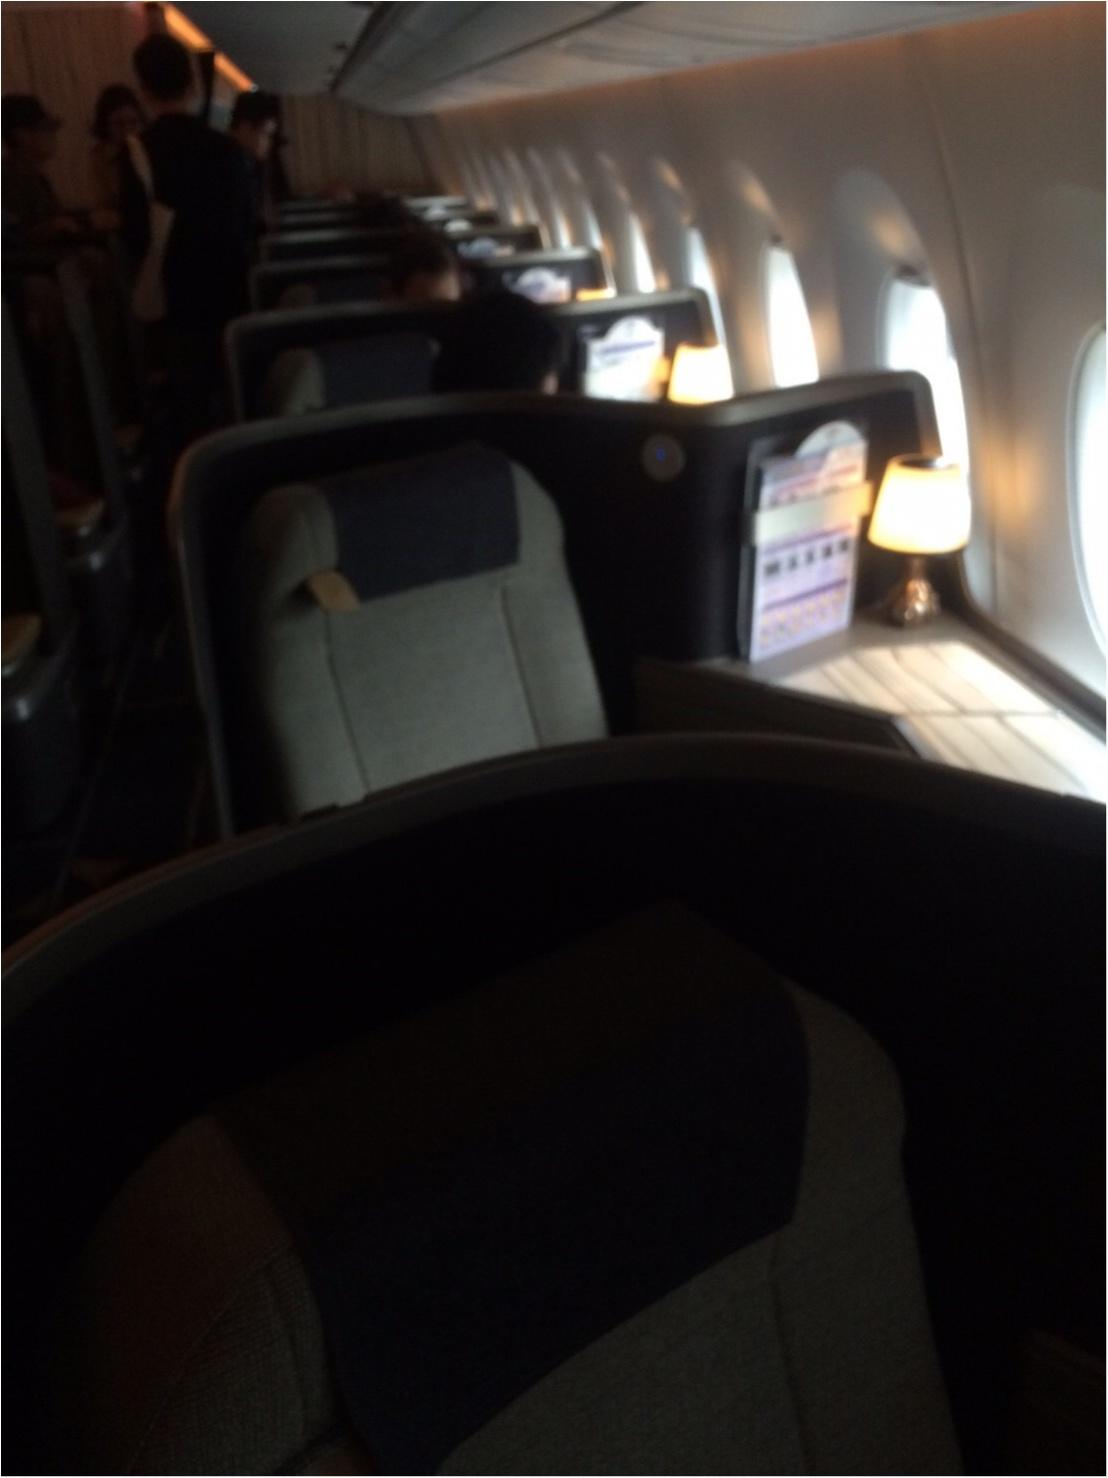 【vacation】日本にはまだない!最新ジェット機エアバスA350のビジネスクラスシートでゆったりトリップ♡_2